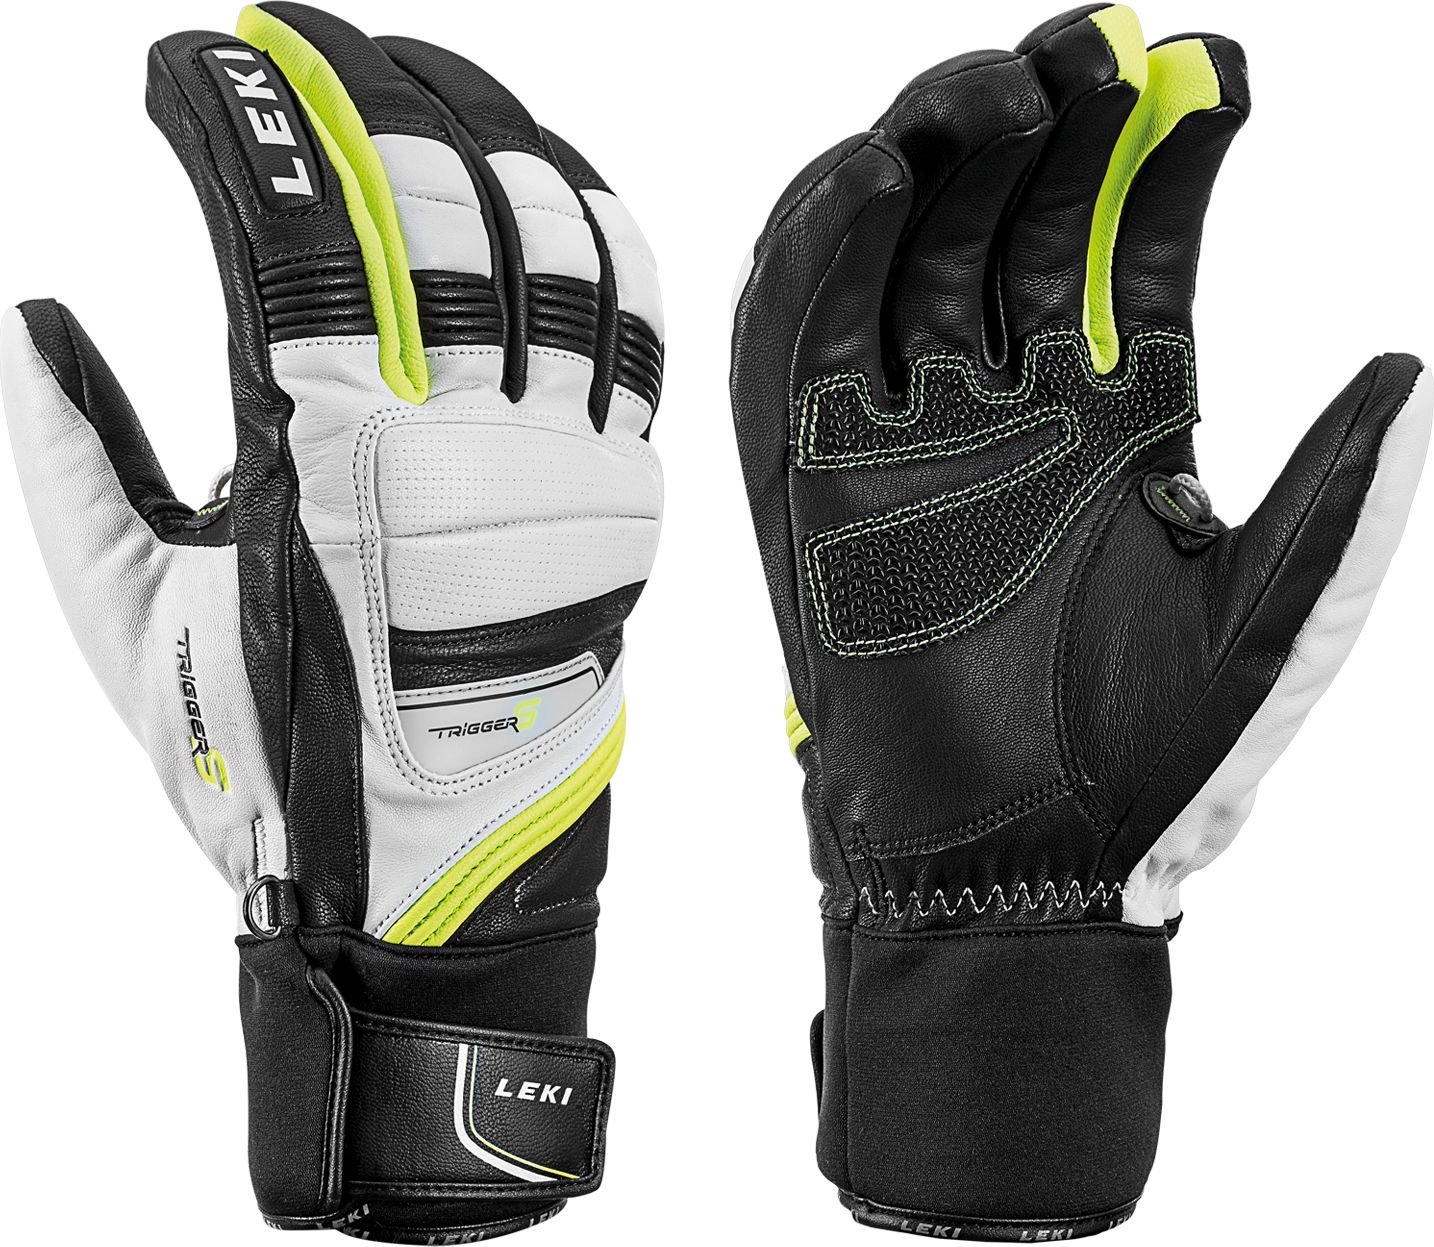 LEKI Ski gloves Griffin Prime S s. 10.0 cimdi